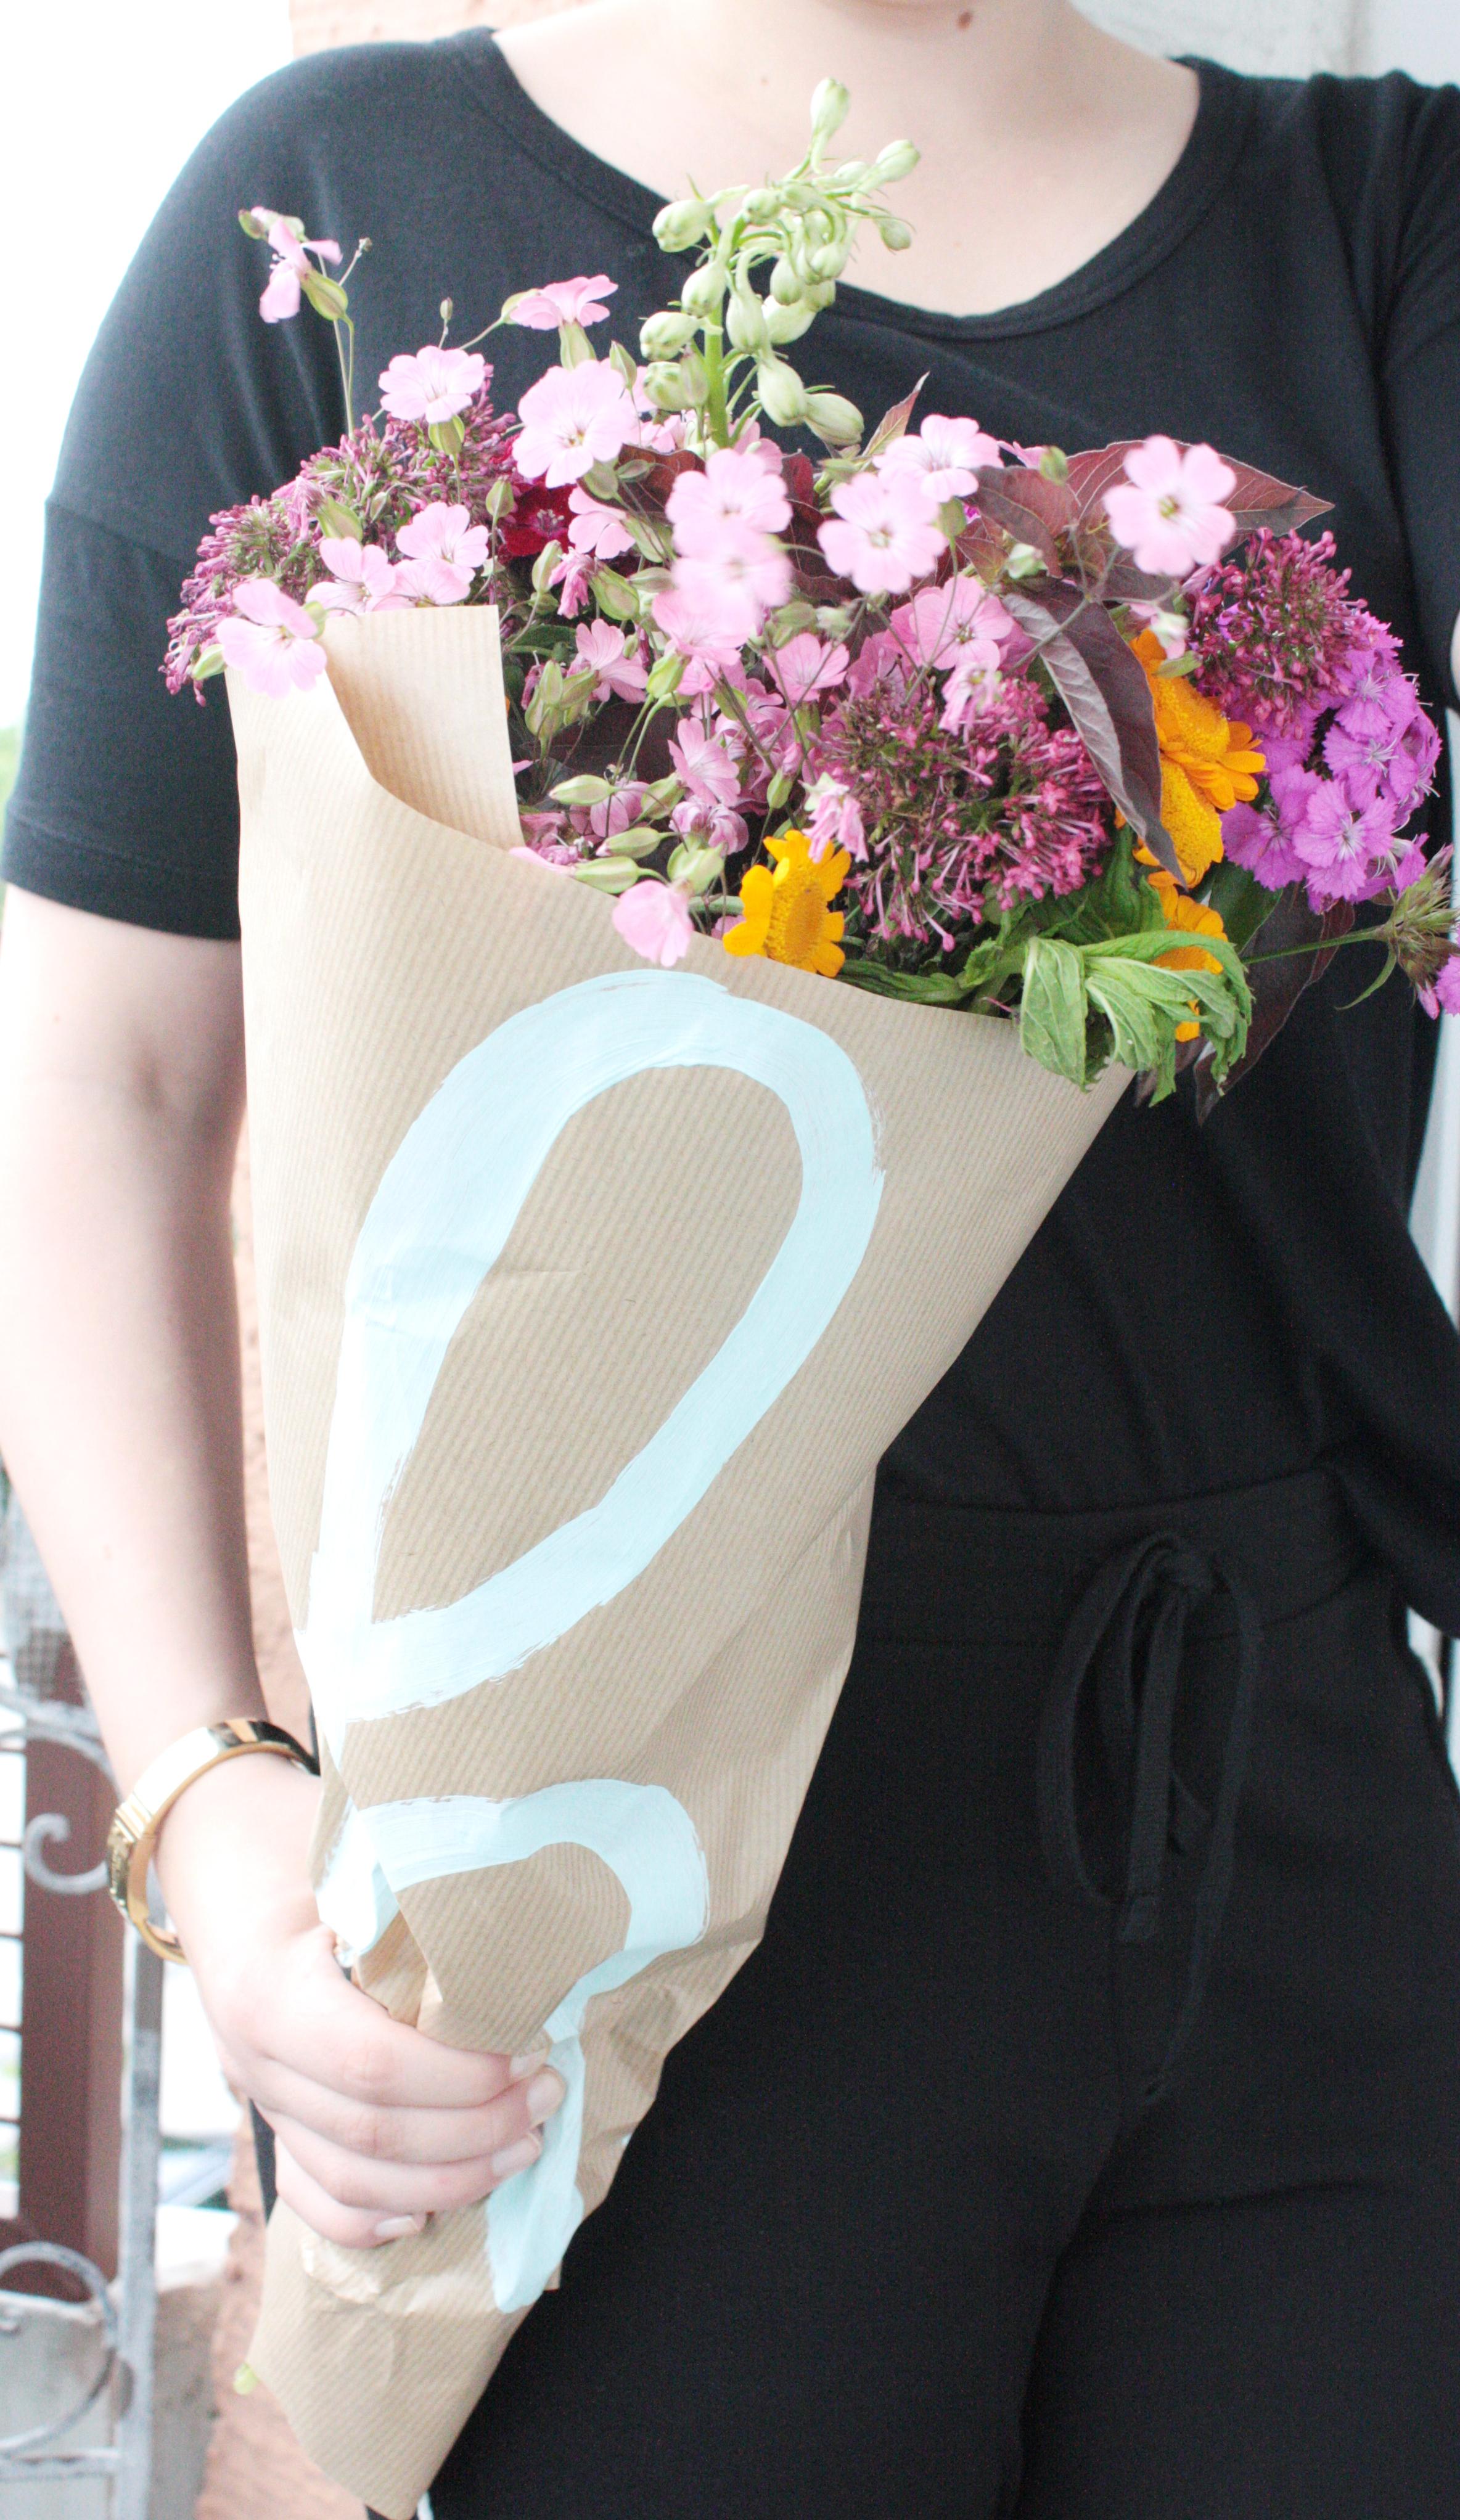 Blumen verpacken zum verschenken 8